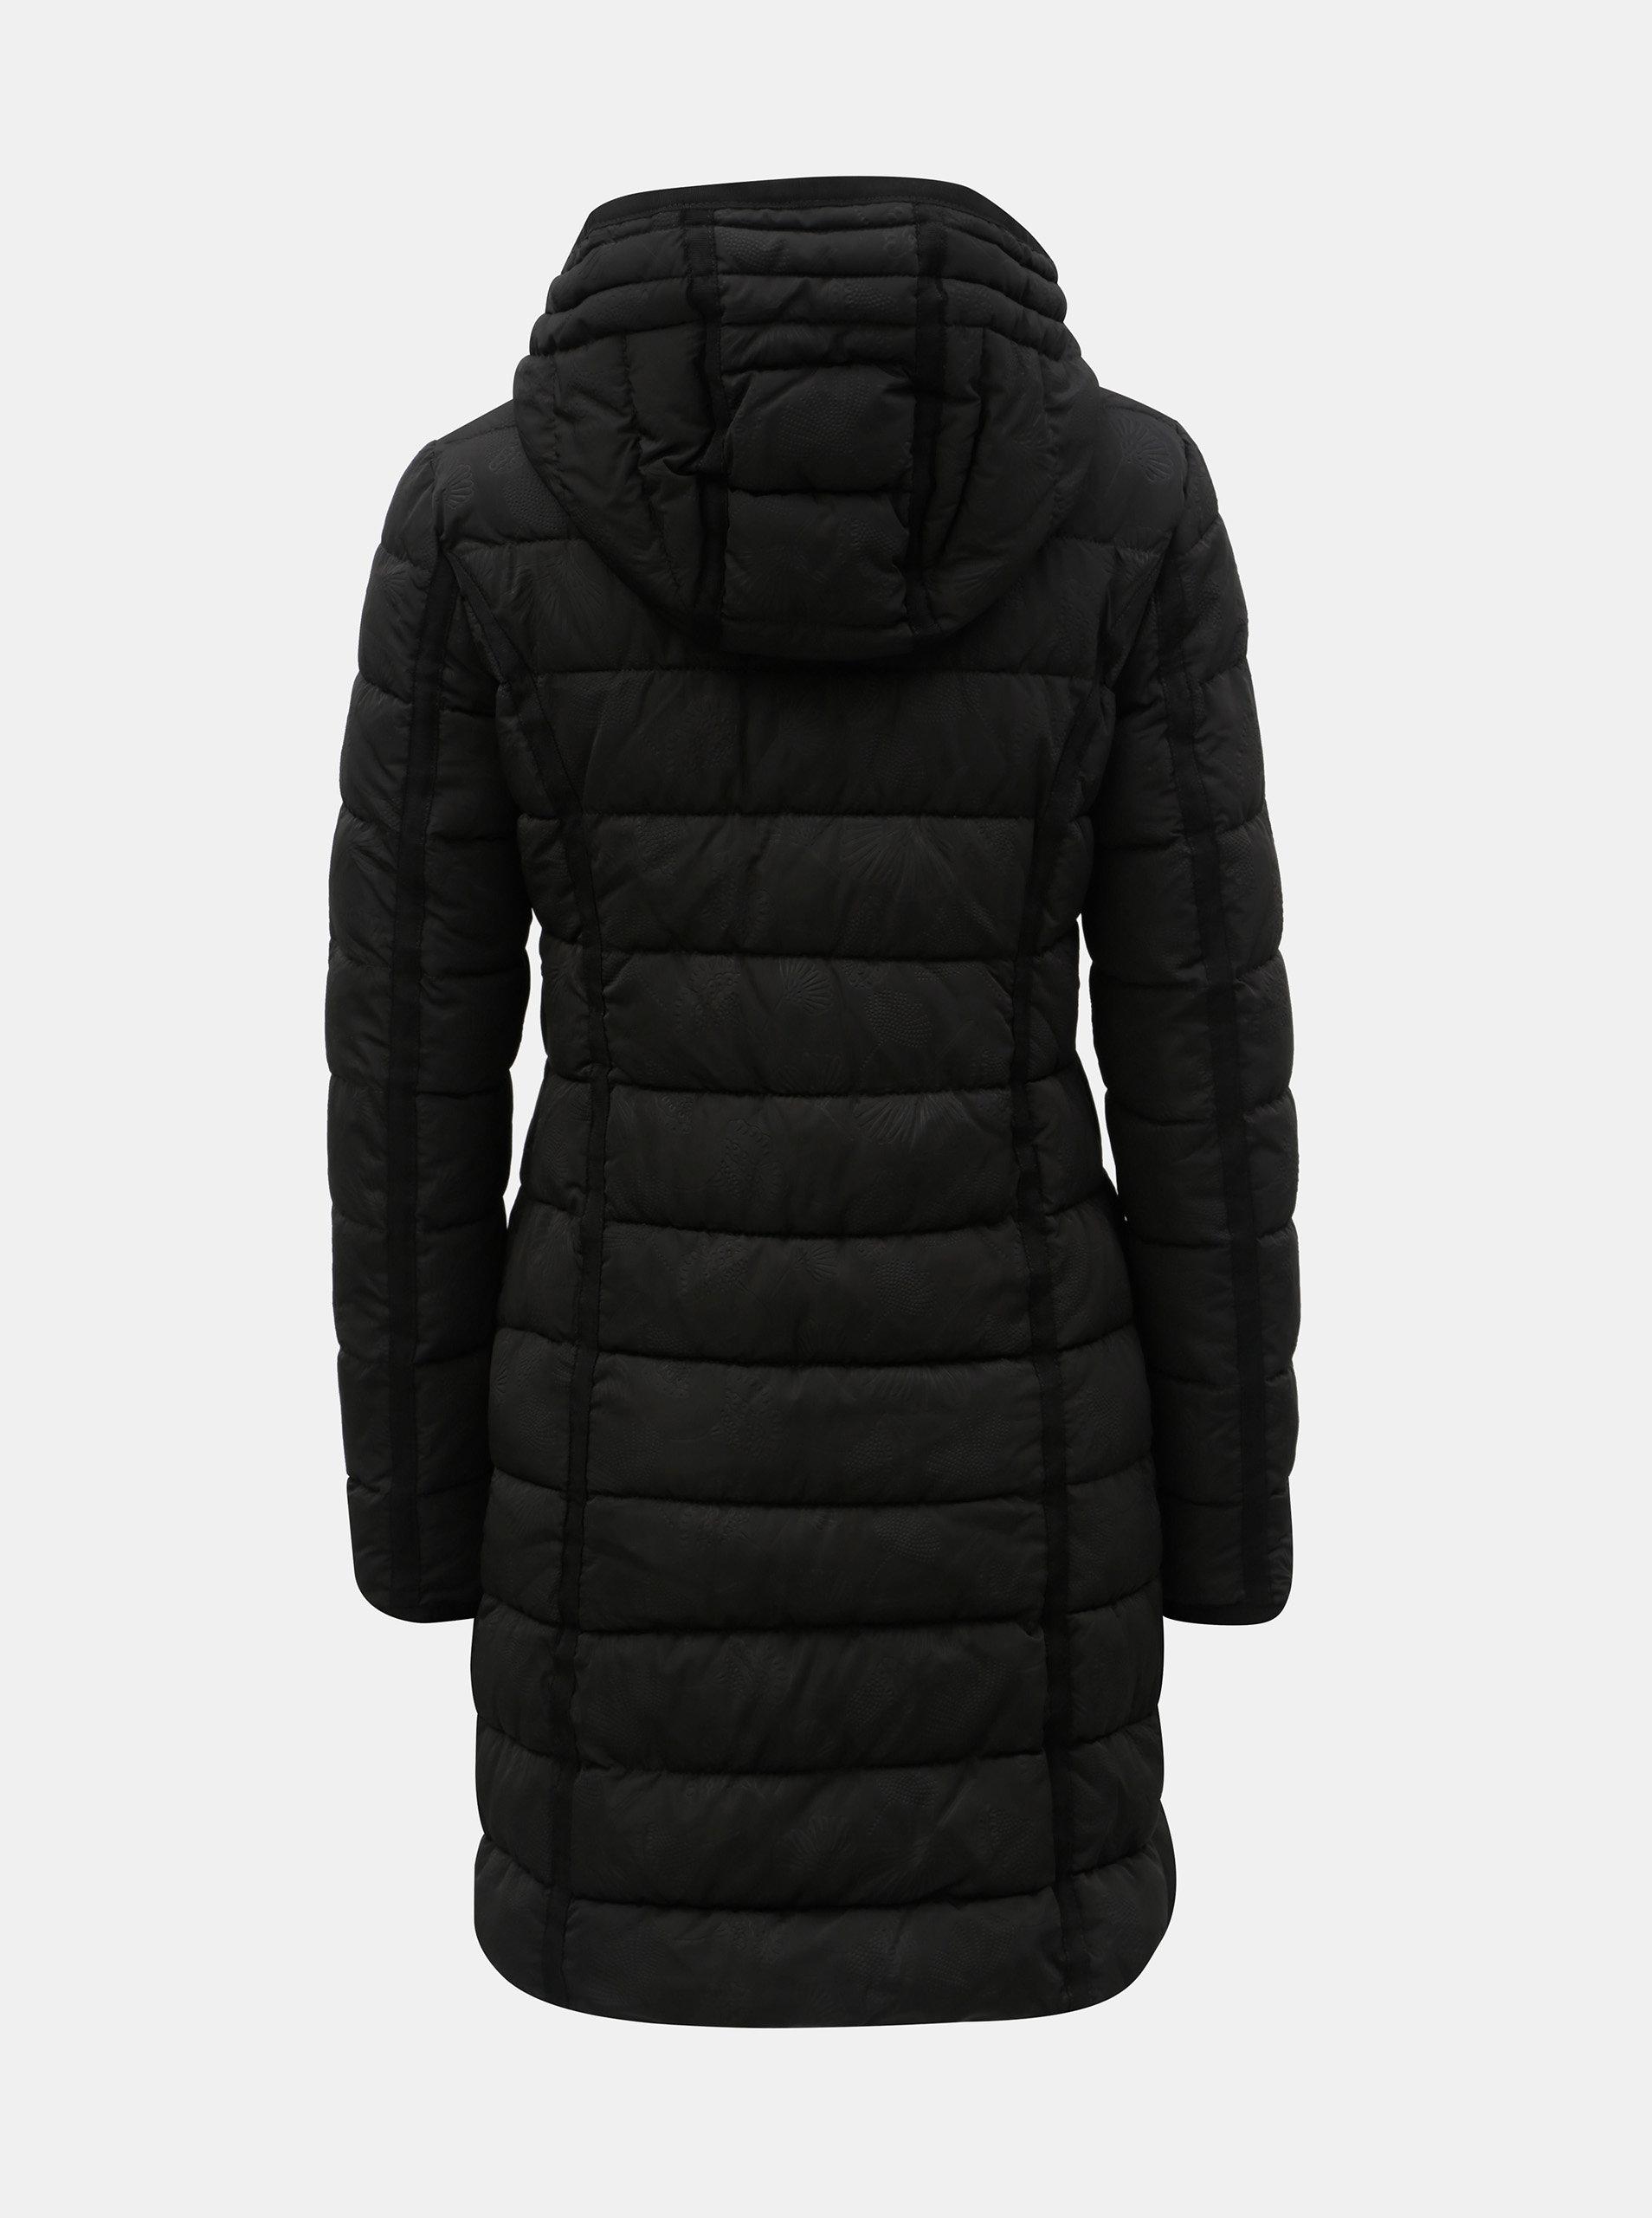 fd10617a7 Čierny prešívaný zimný kabát s odnímateľnou kapucňou Desigual Inga ...